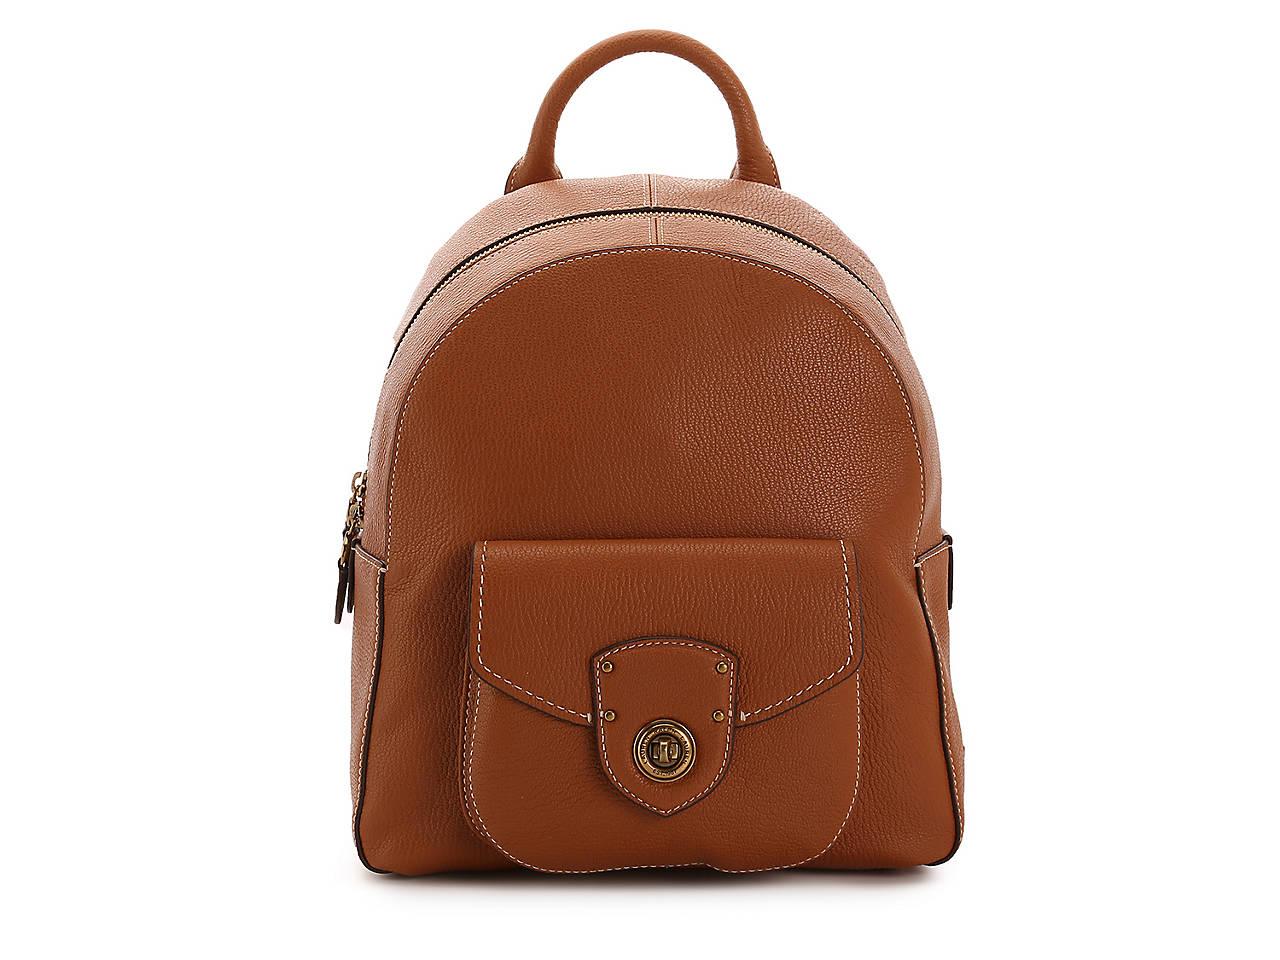 c112176281 Lauren Ralph Lauren Millbrook Leather Backpack Women s Handbags ...